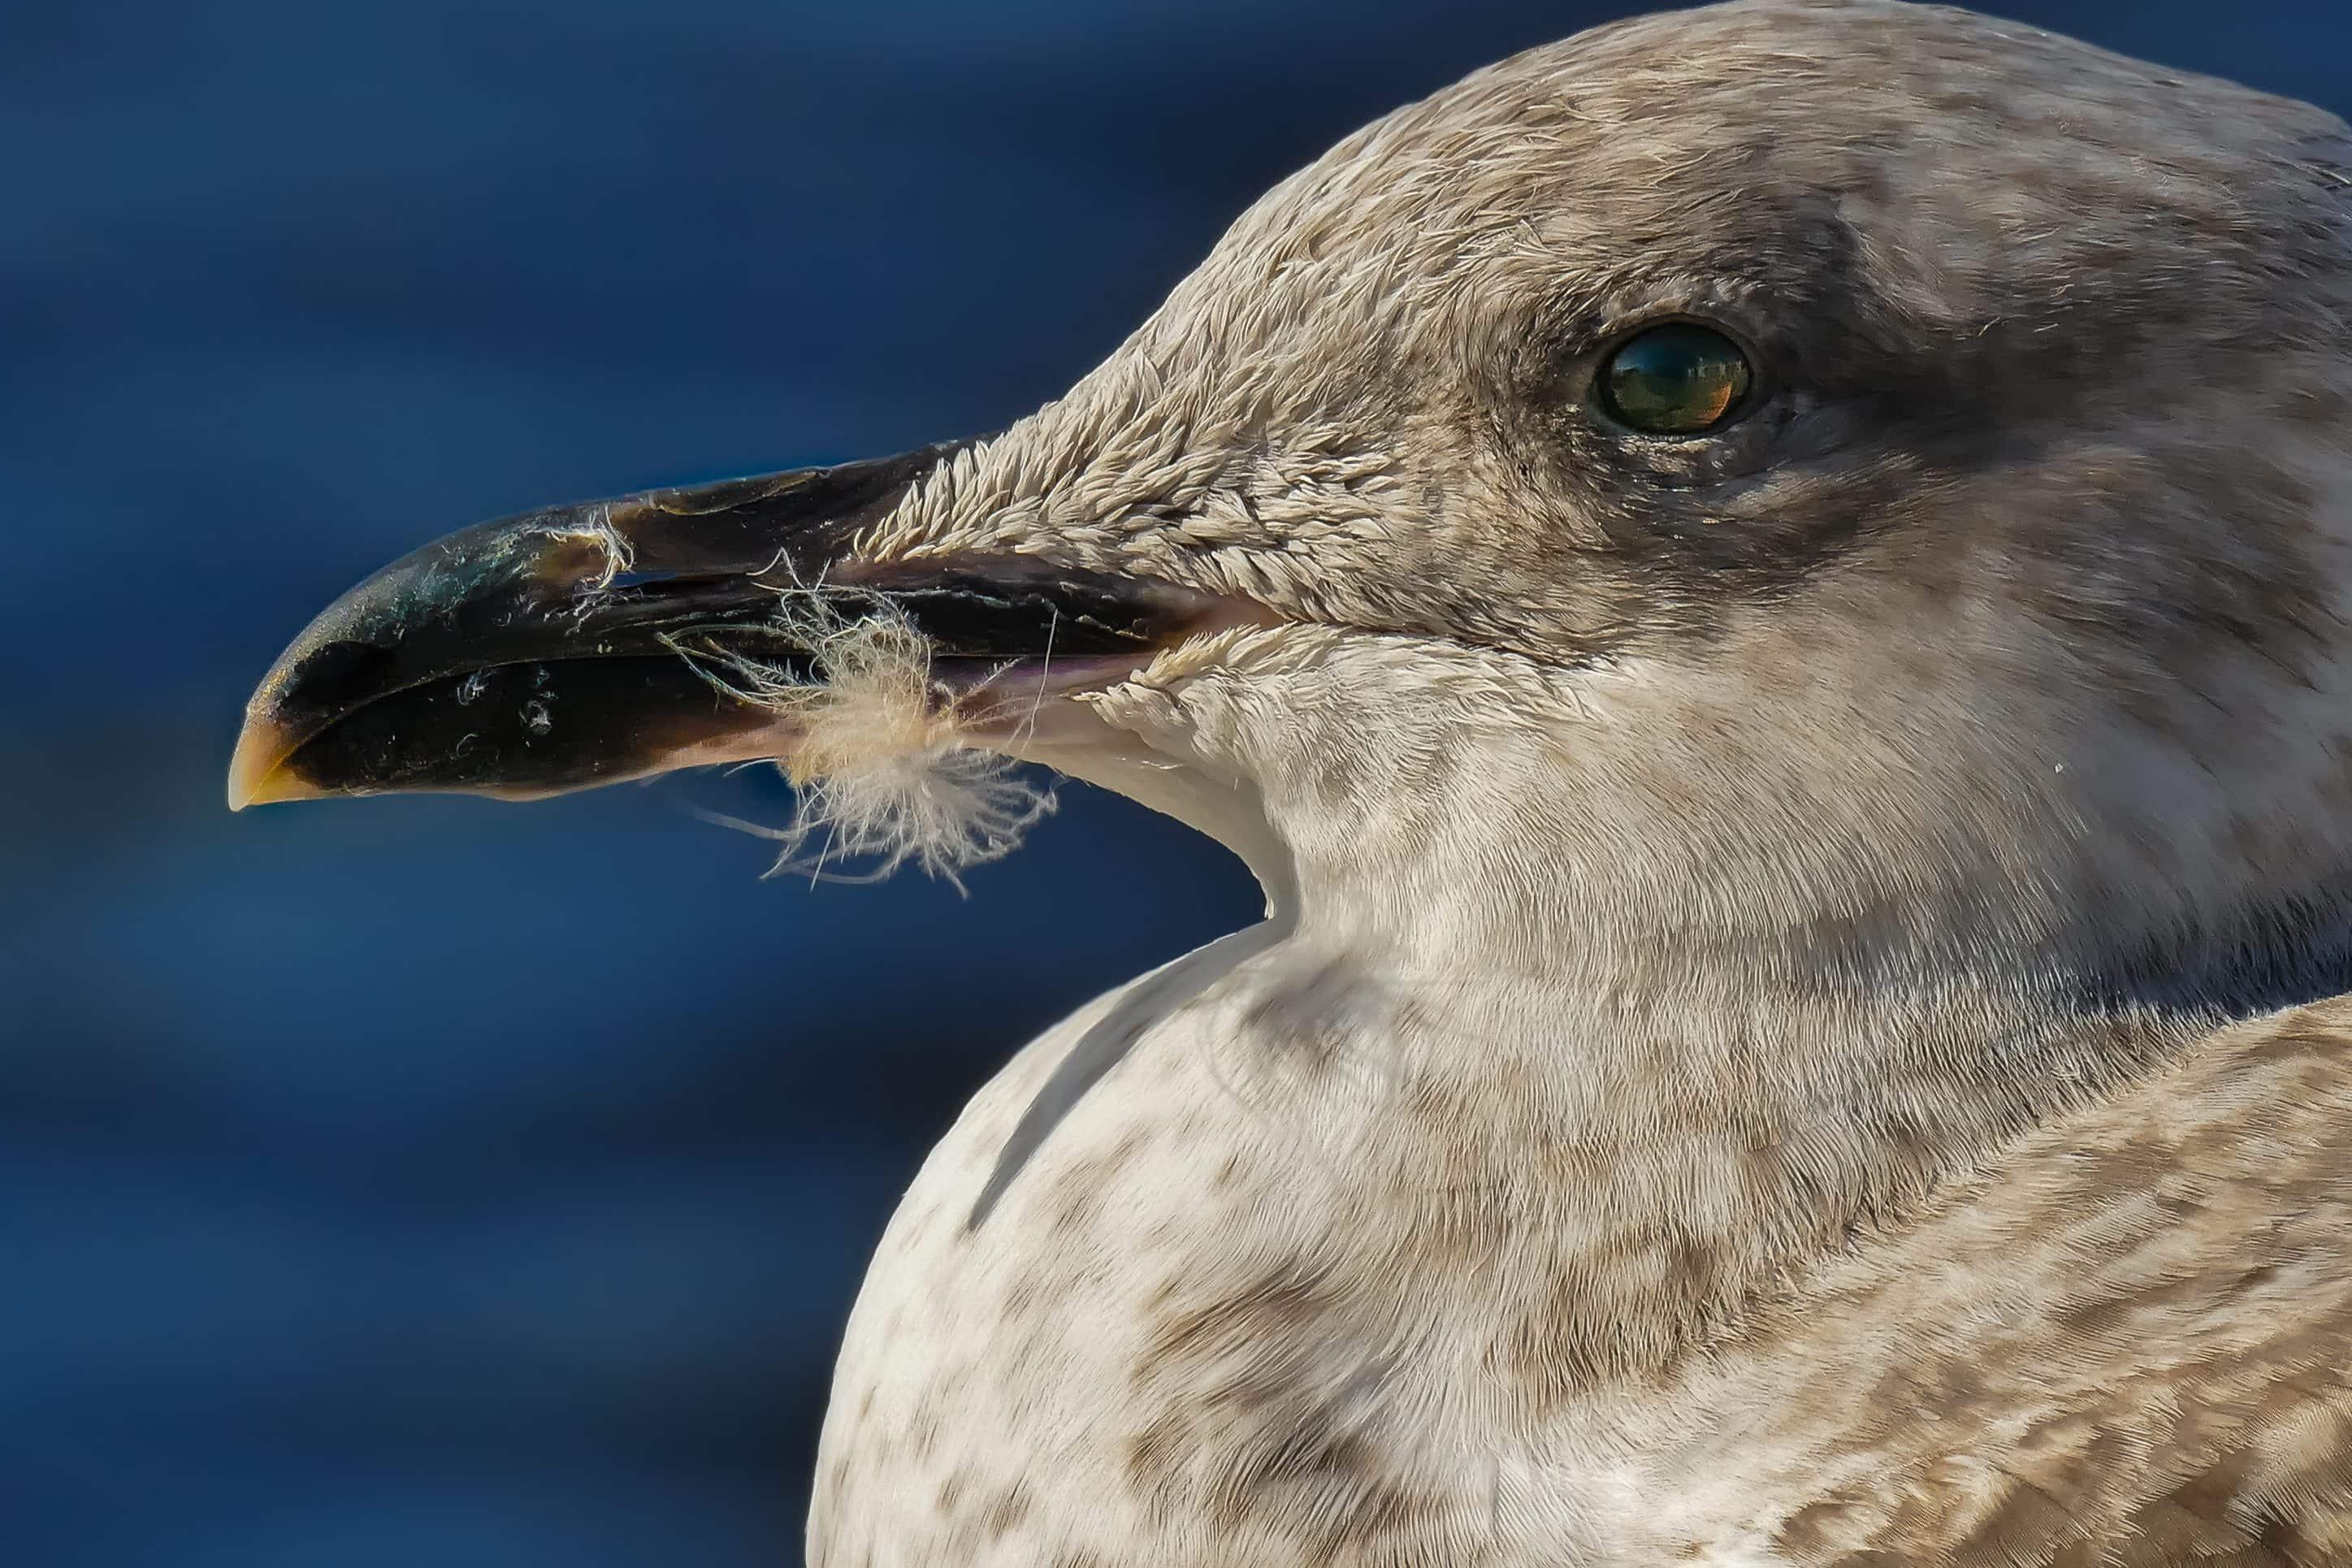 Σόλο μεγάλο πουλί φωτογραφίες